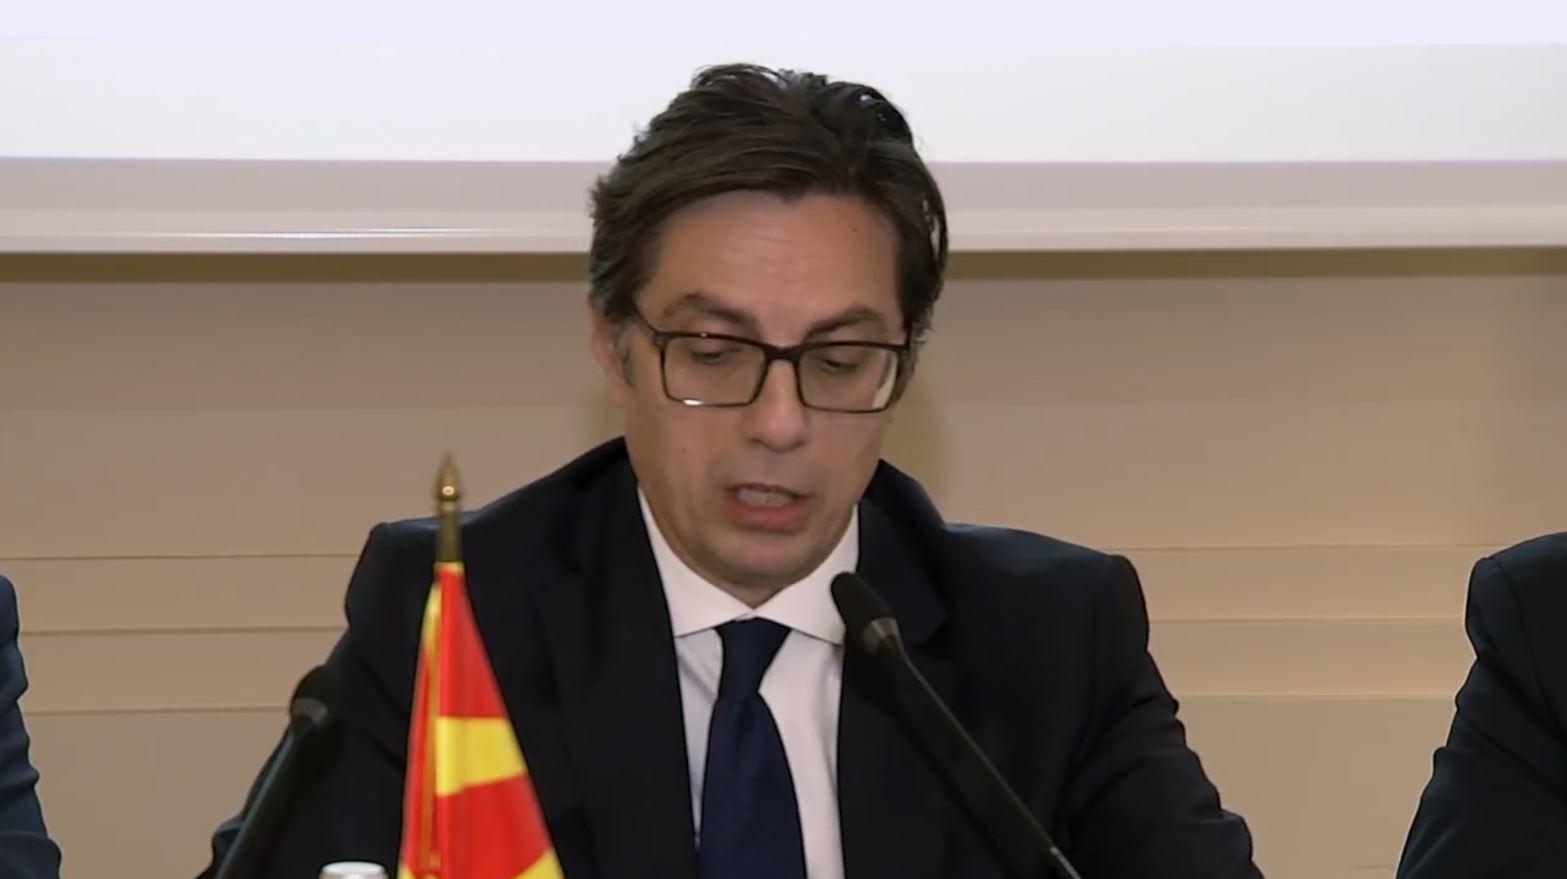 Presidenti maqedonas: Ndryshimi i kufijve do të ishte katastrofë